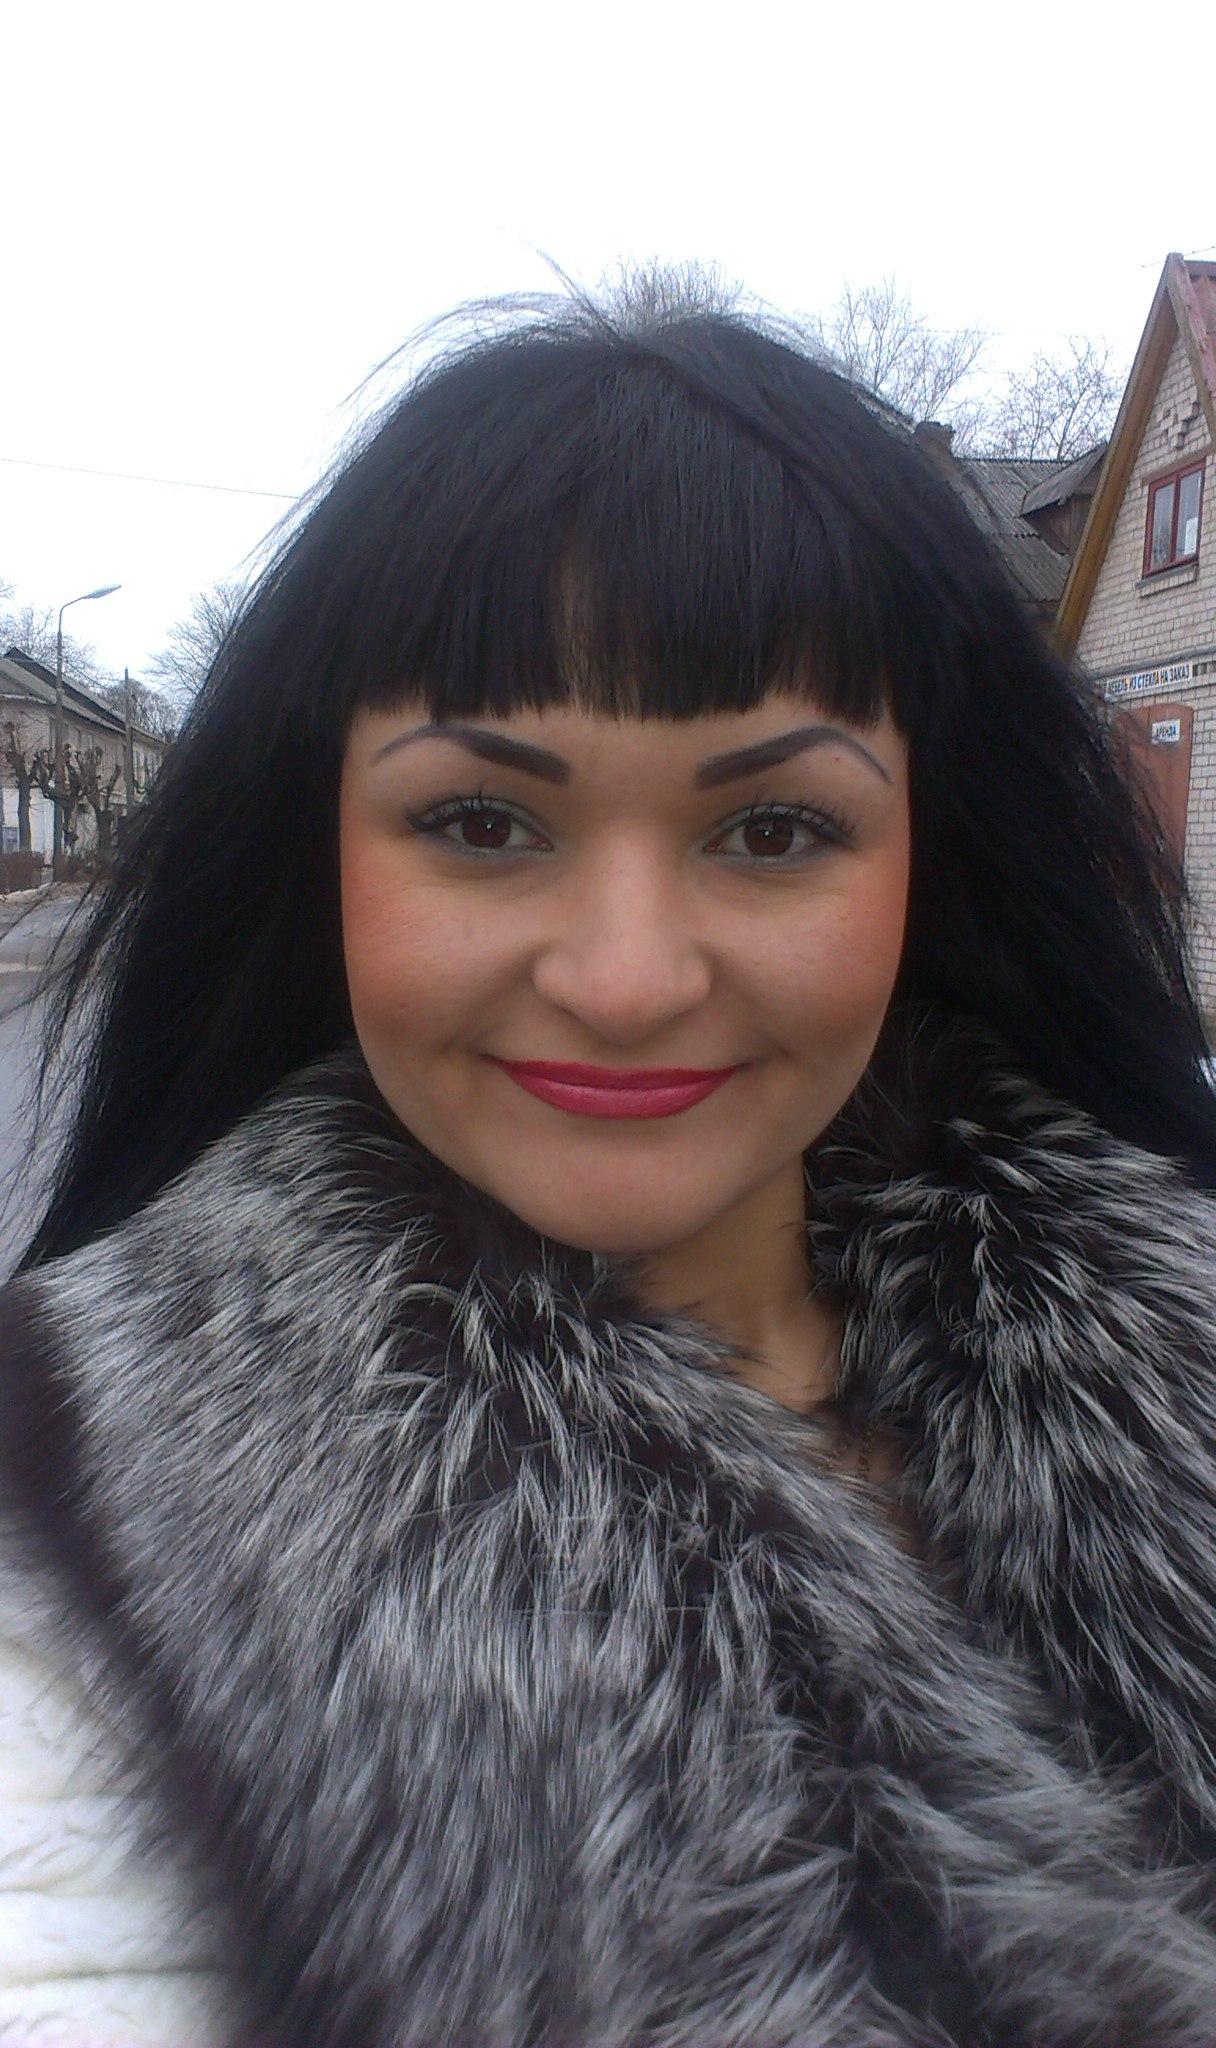 Оренбурге номерами с фото и знакомства в